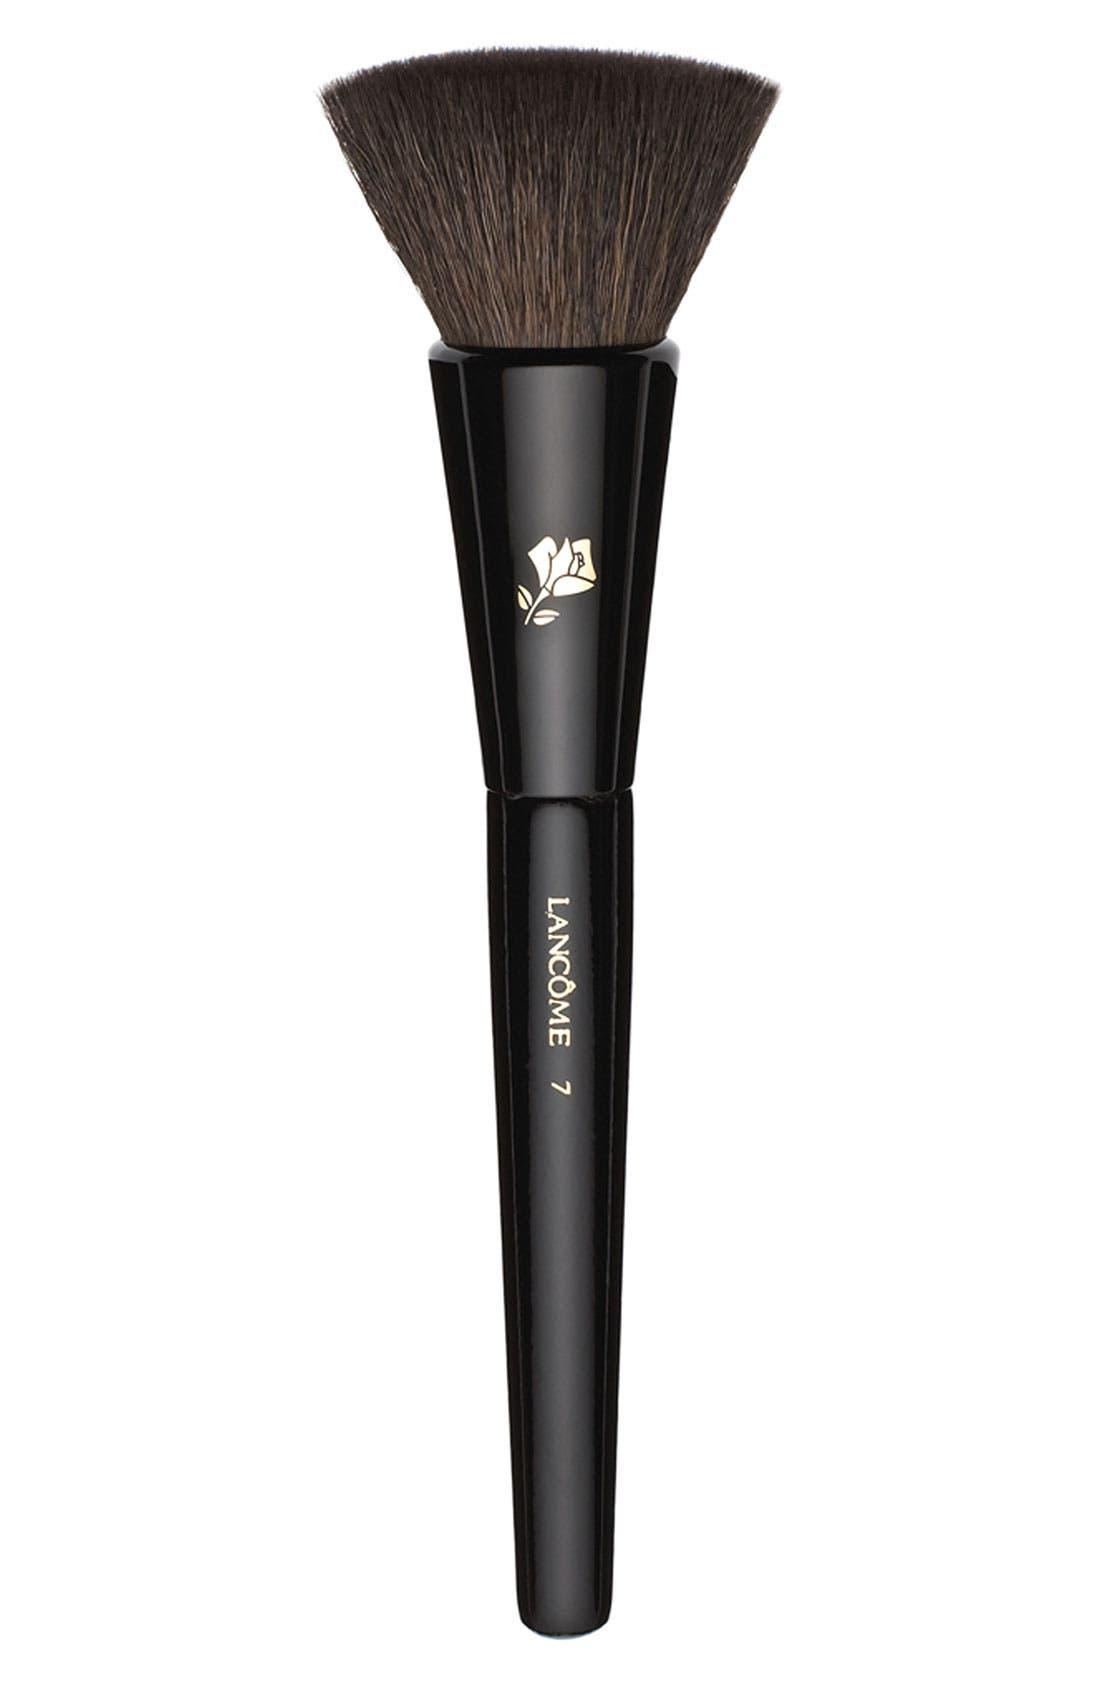 Natural and Flat-Bristled Blush Brush,                         Main,                         color,